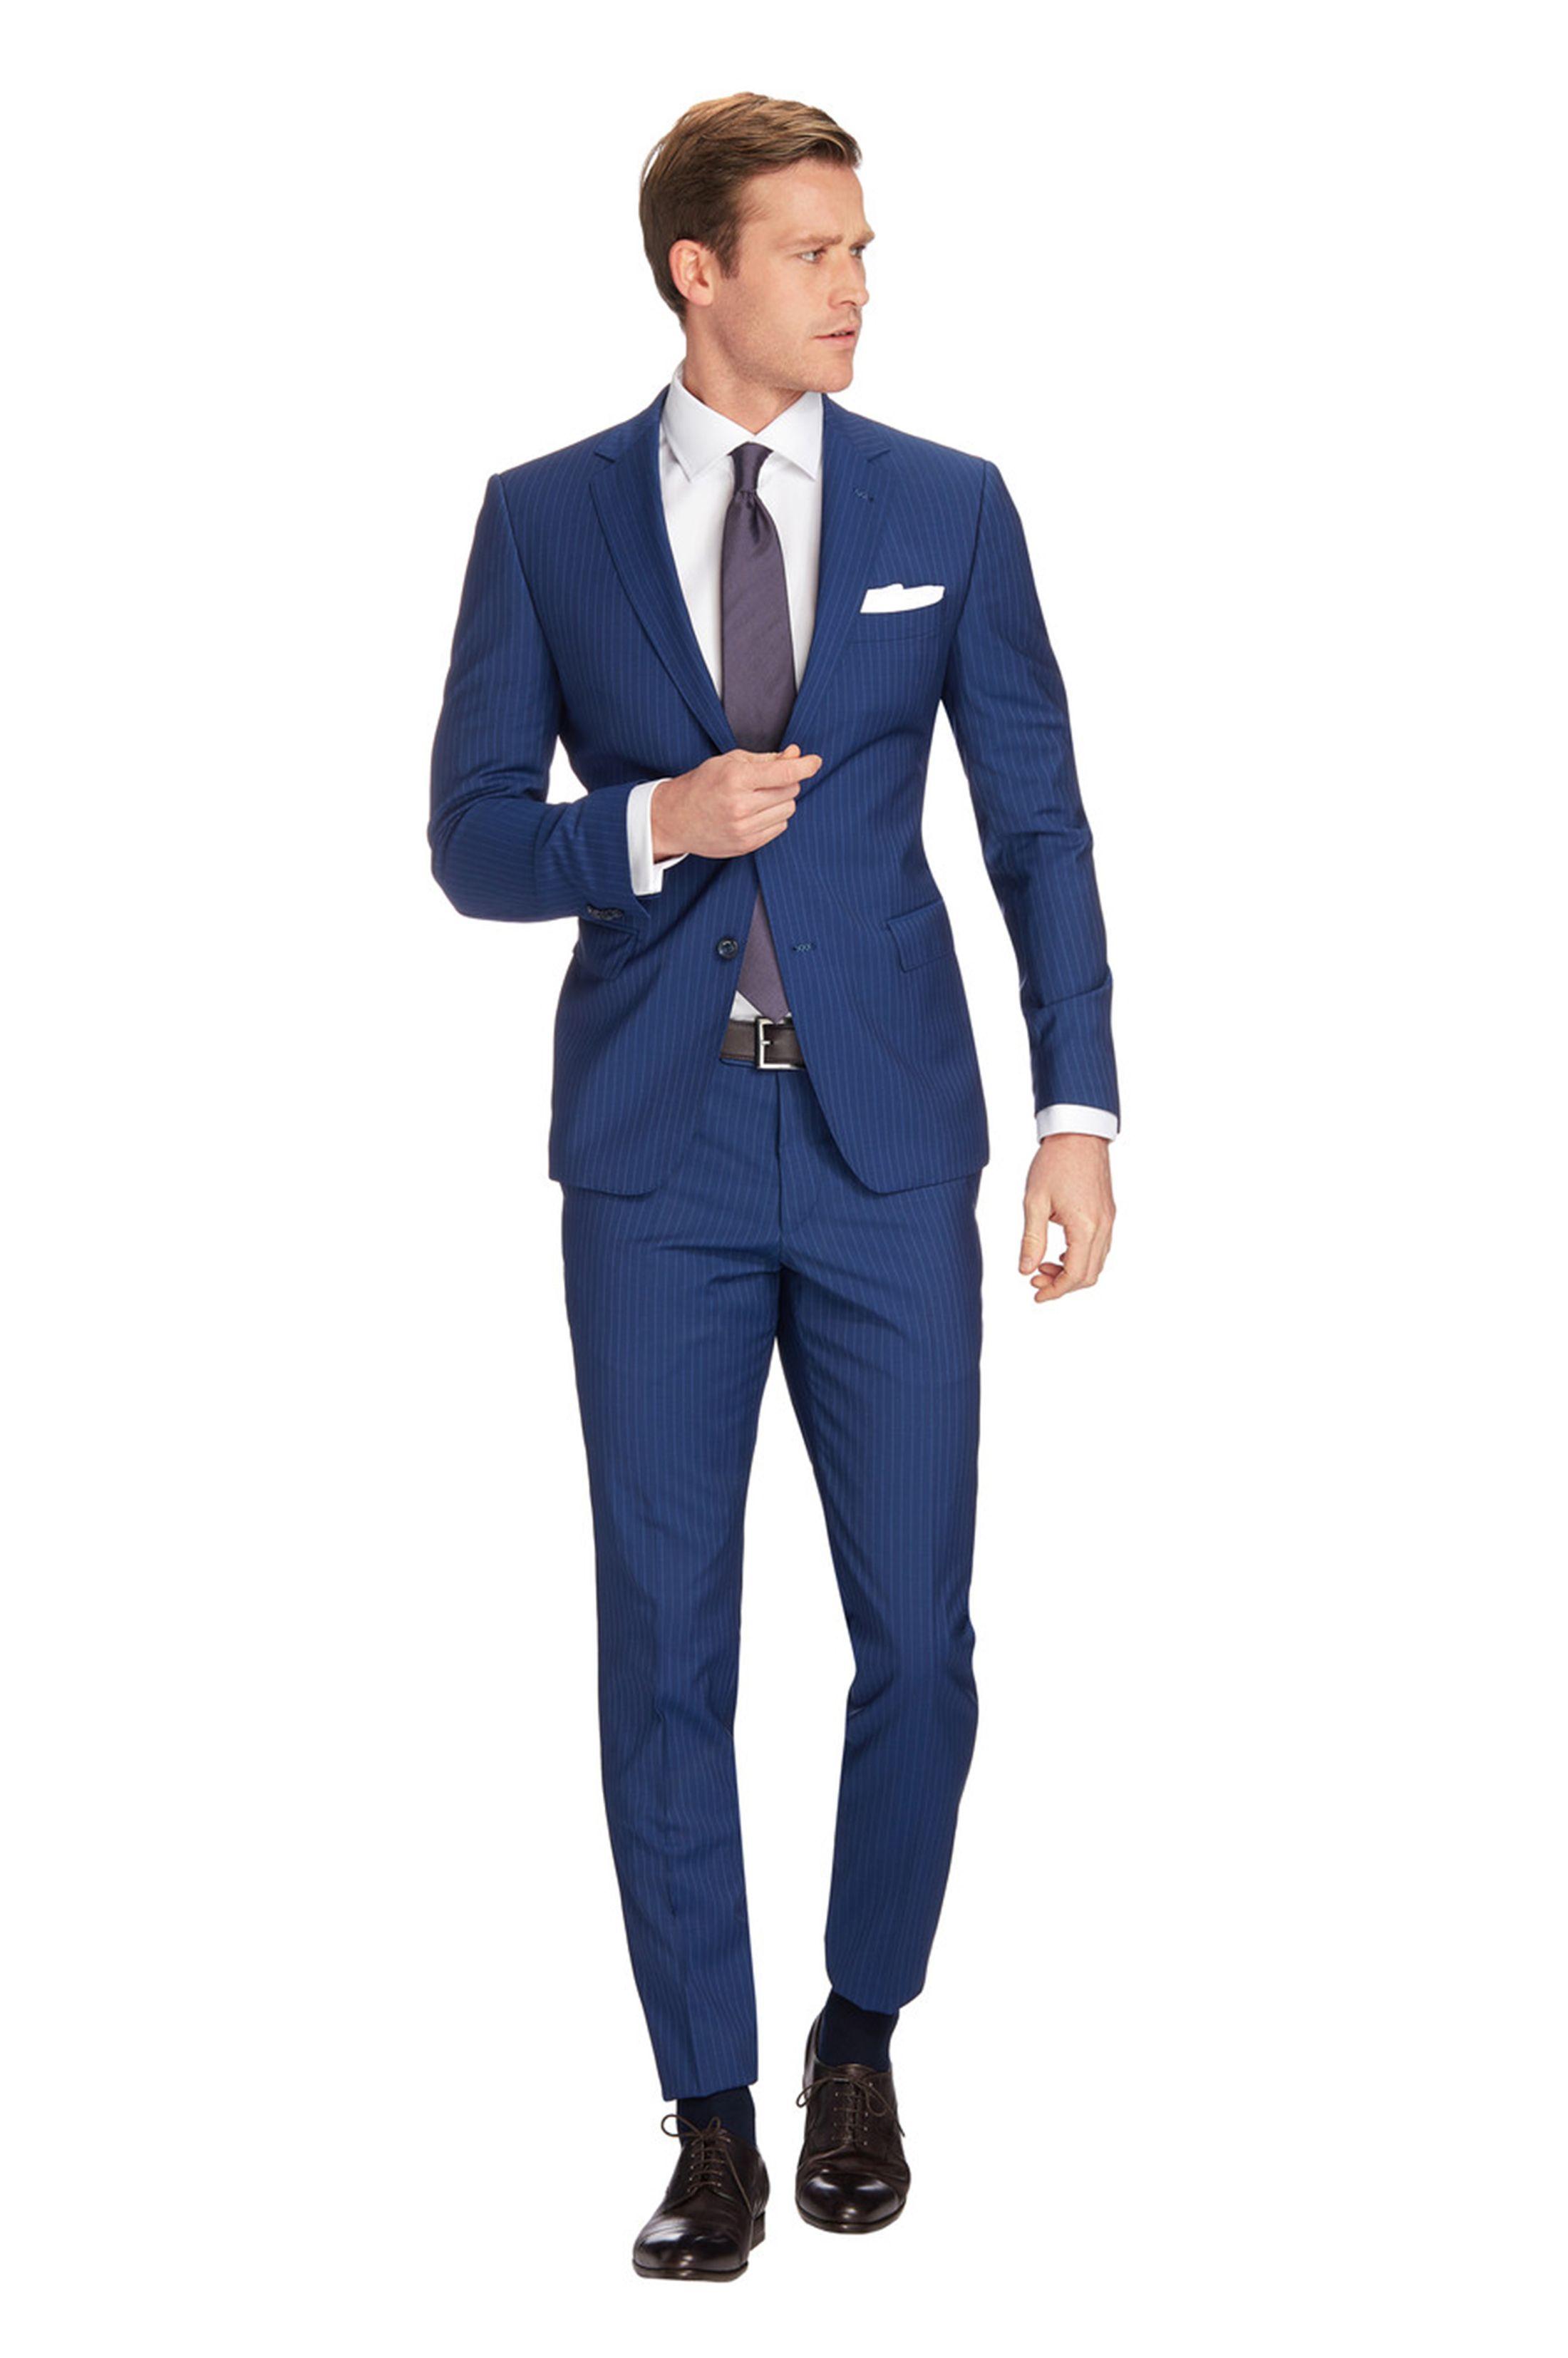 f2bfc384763 Van Gils Zenar Kostuum Blauw online bestellen   Suitable   Men's ...